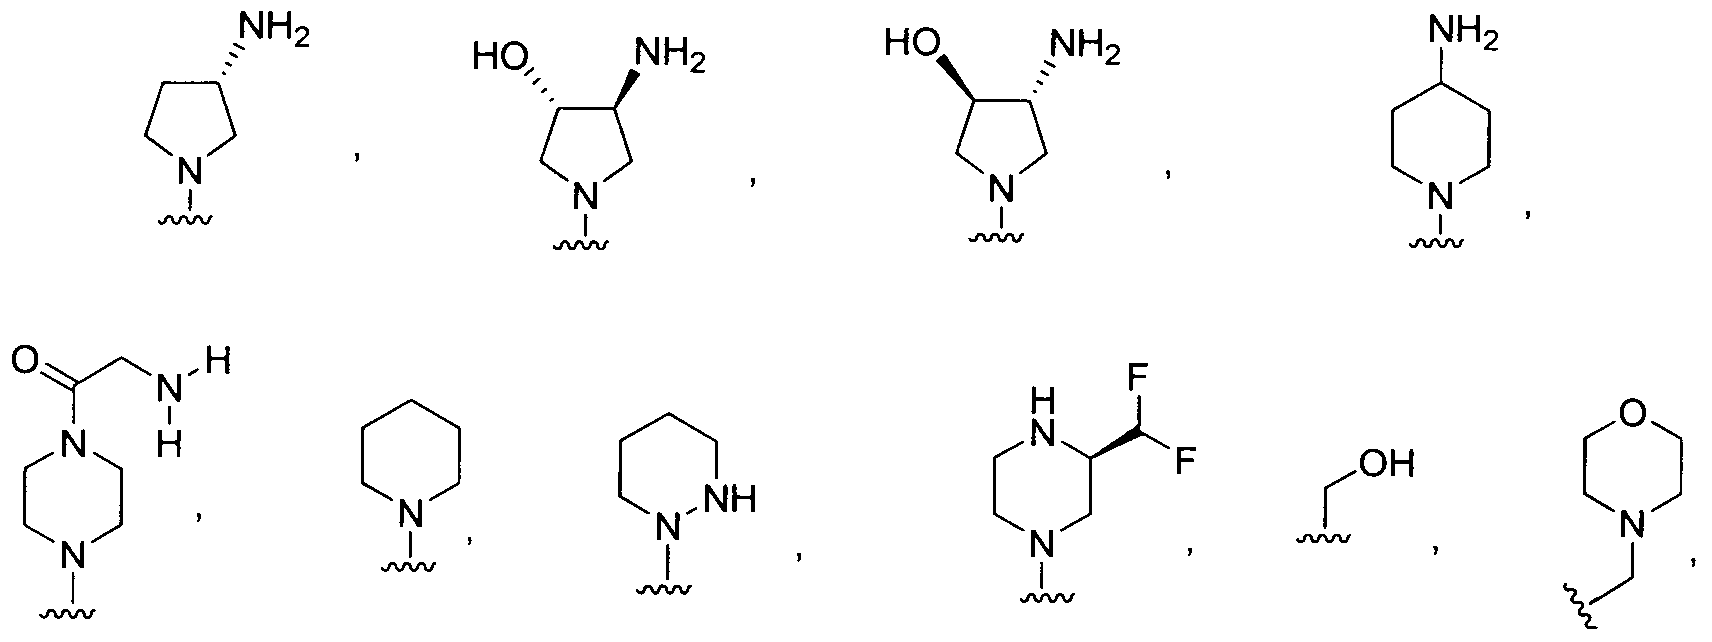 Figure imgf000498_0003